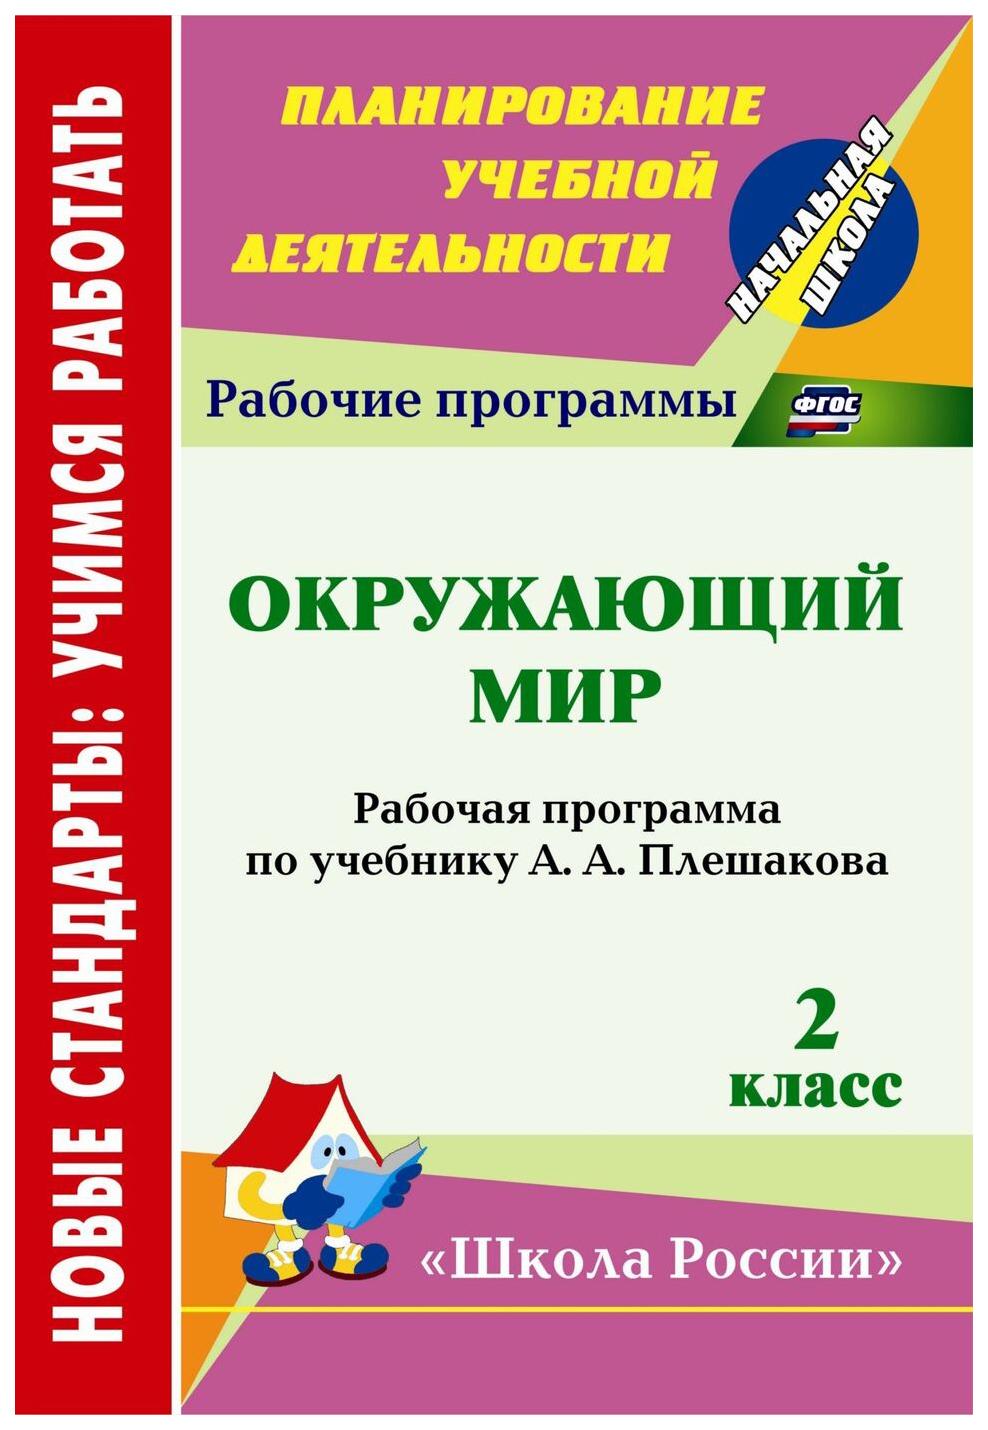 Окружающий мир. 2 класс: рабочая программа по учебнику А. А. Плешакова. УМК \